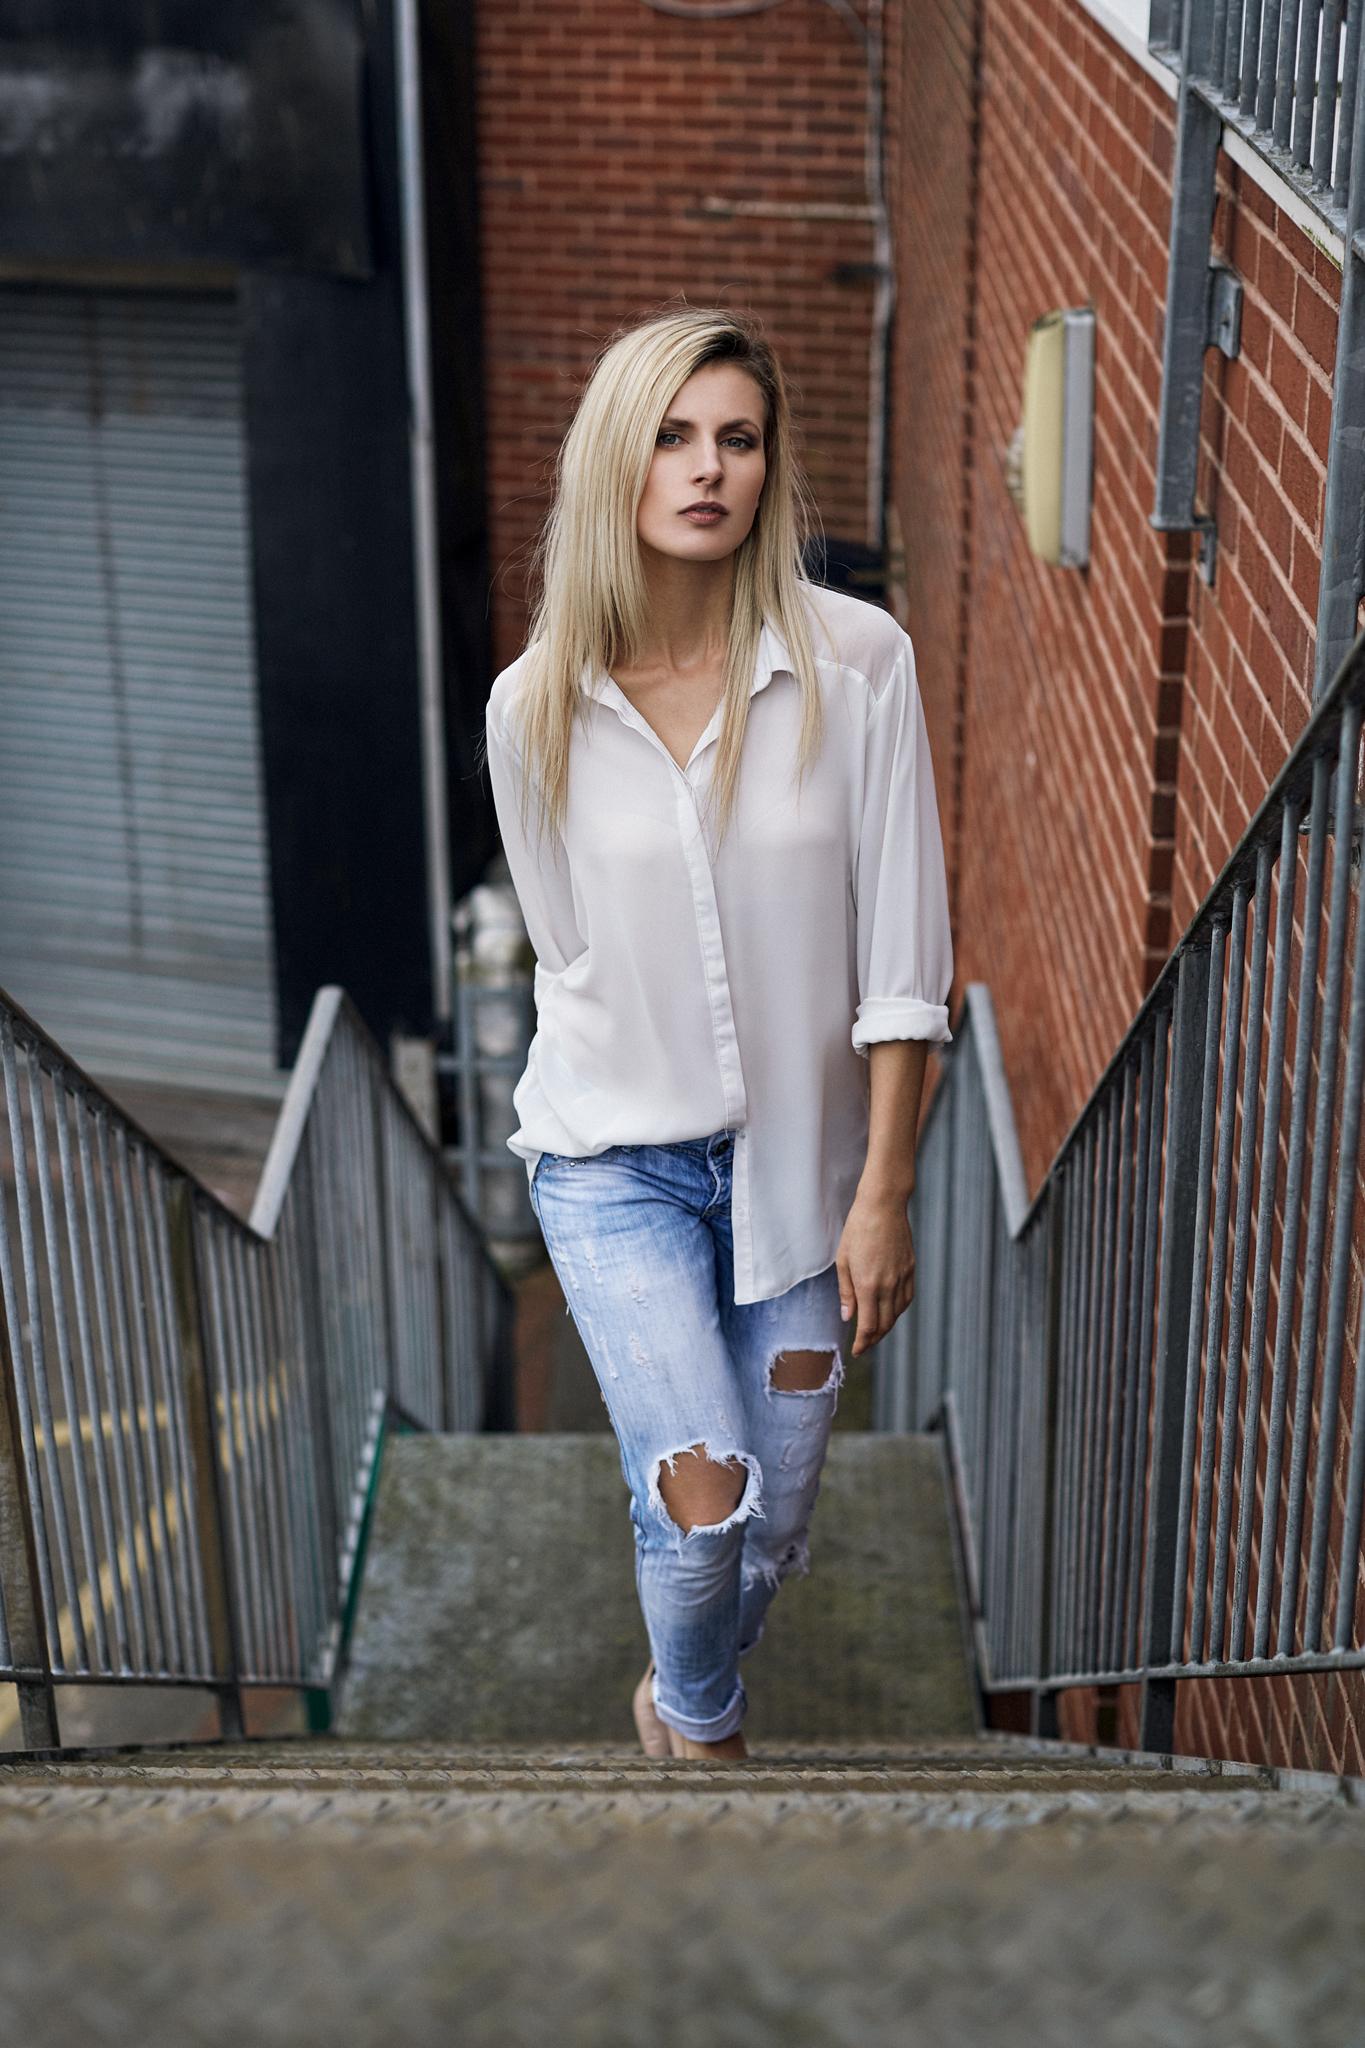 Roxy_Fashion_4_Web.jpg